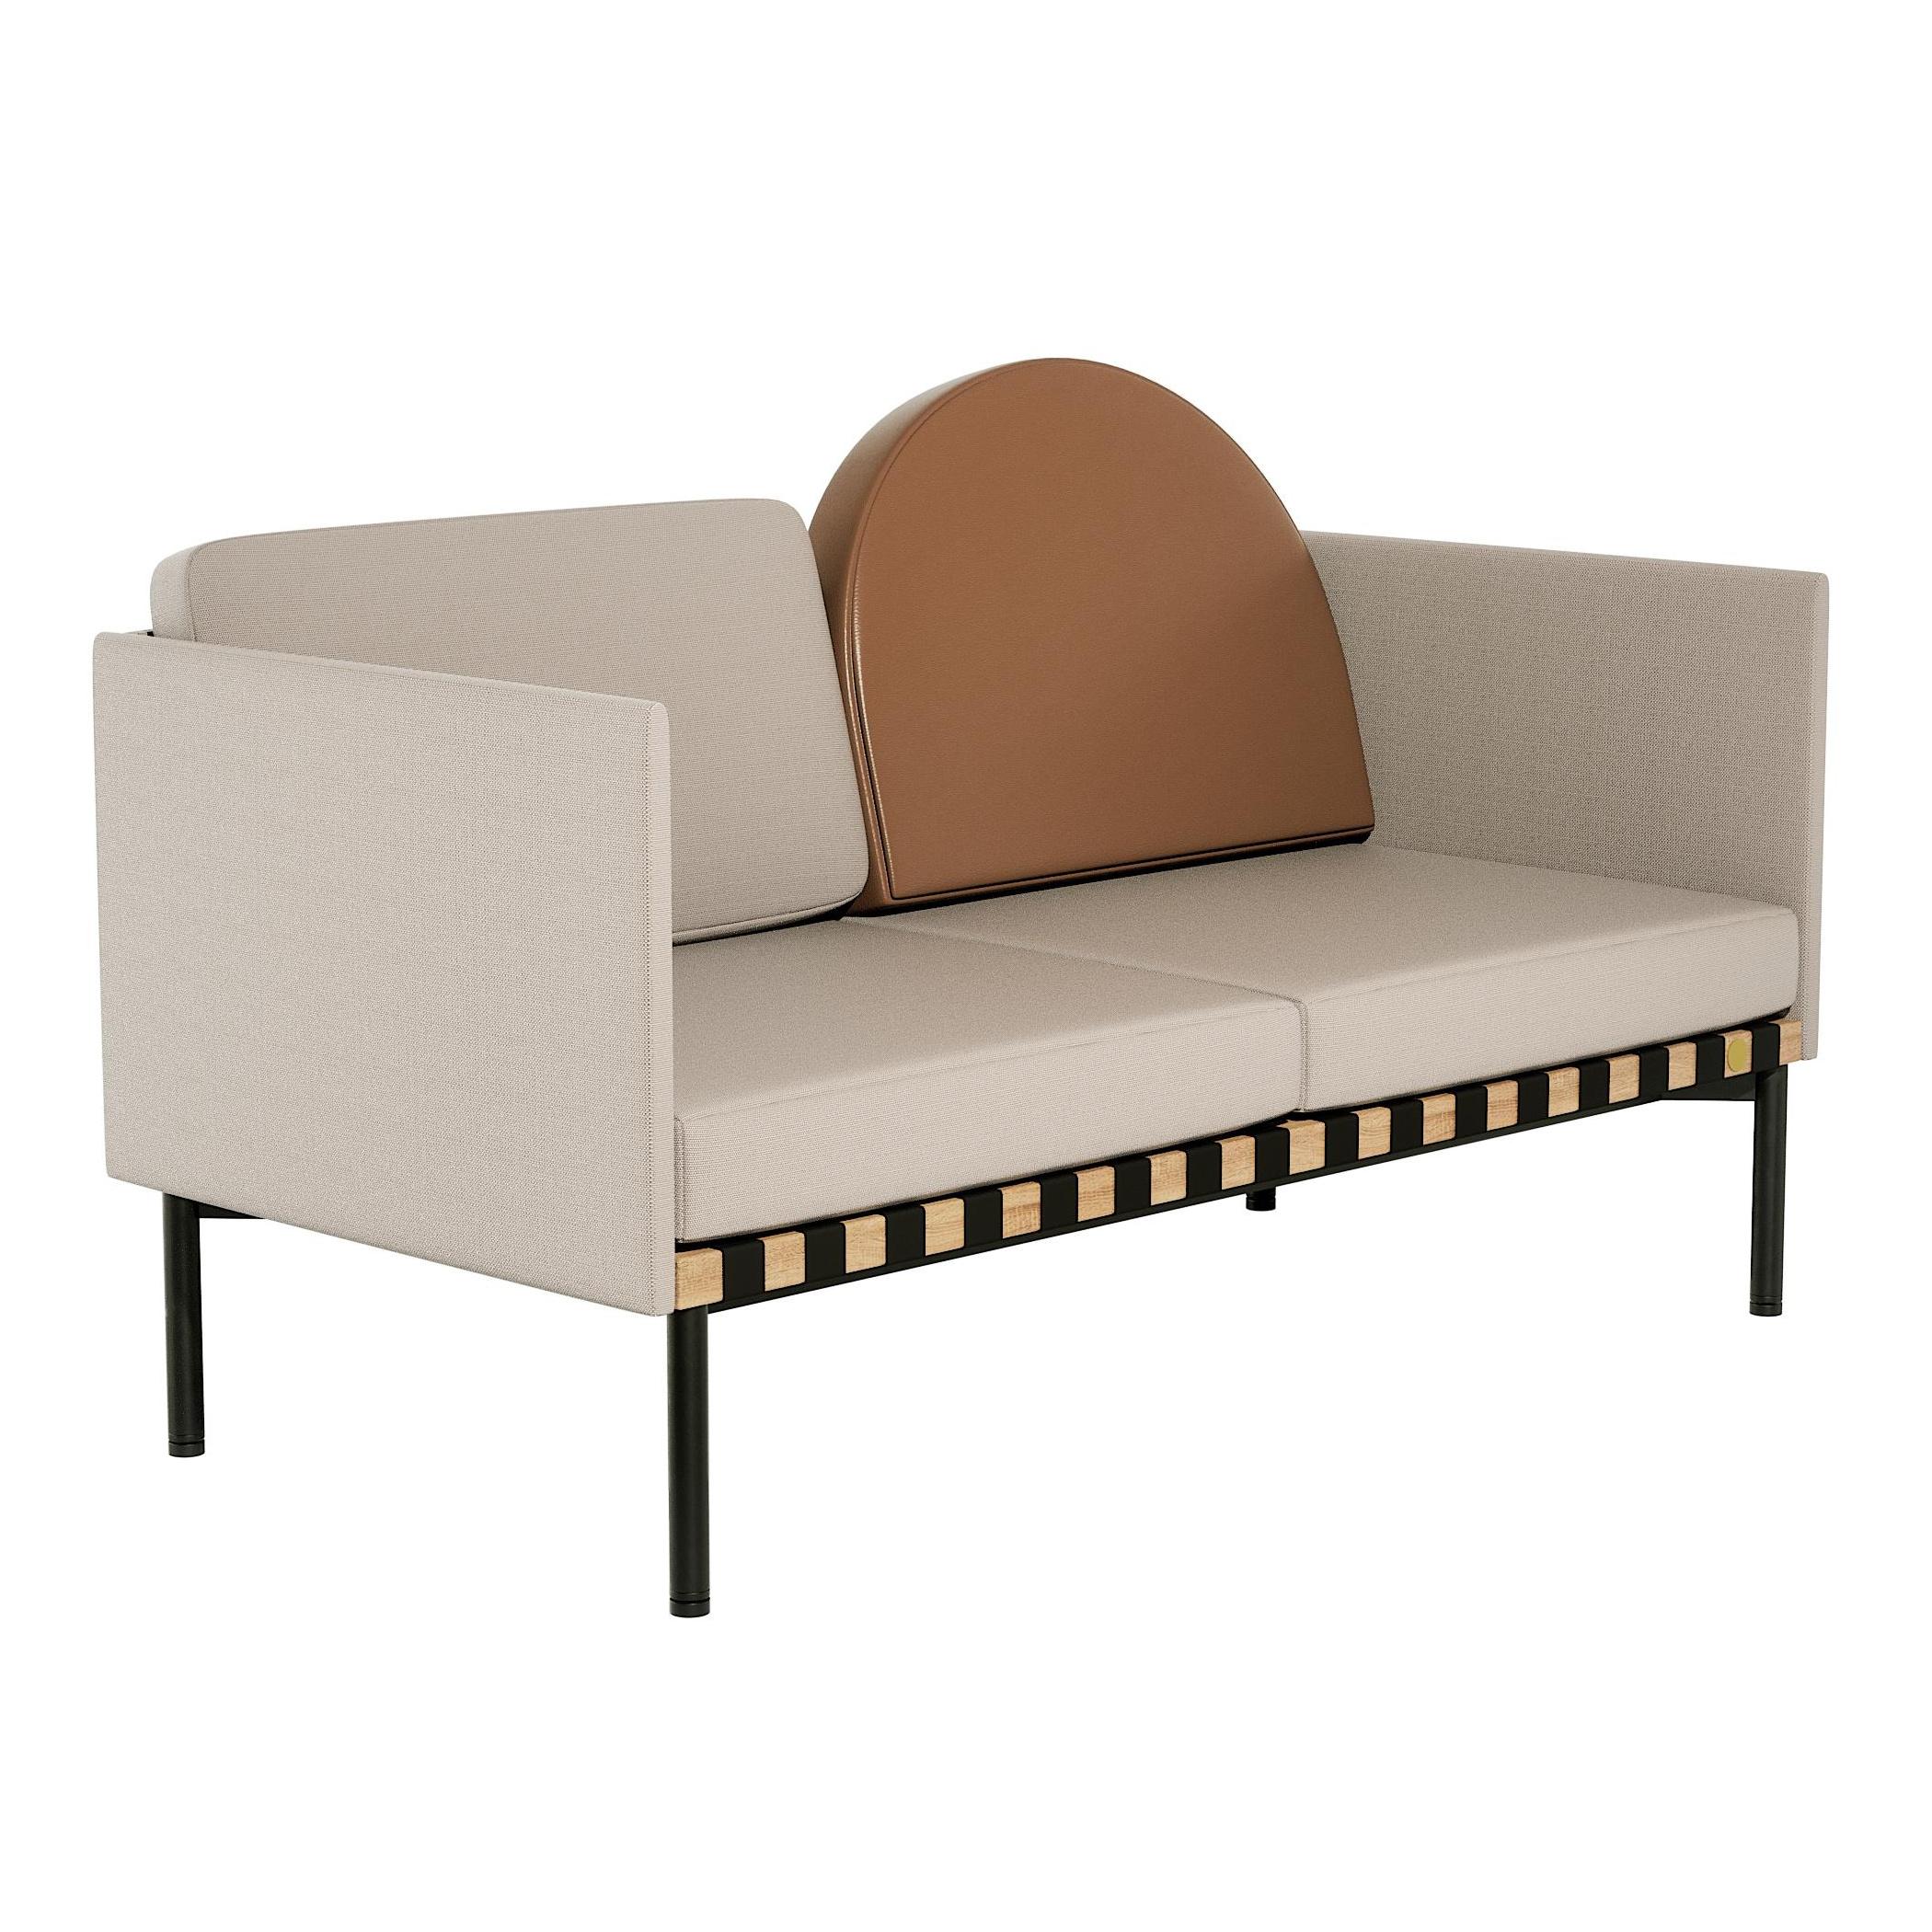 Petite Friture - Canapé 2 places 2 accoudoirs Grid structure chêne - beige-gris/étoffe Canvas 2 244/cuir Instill 008/146x71x92cm/pieds acier rev�